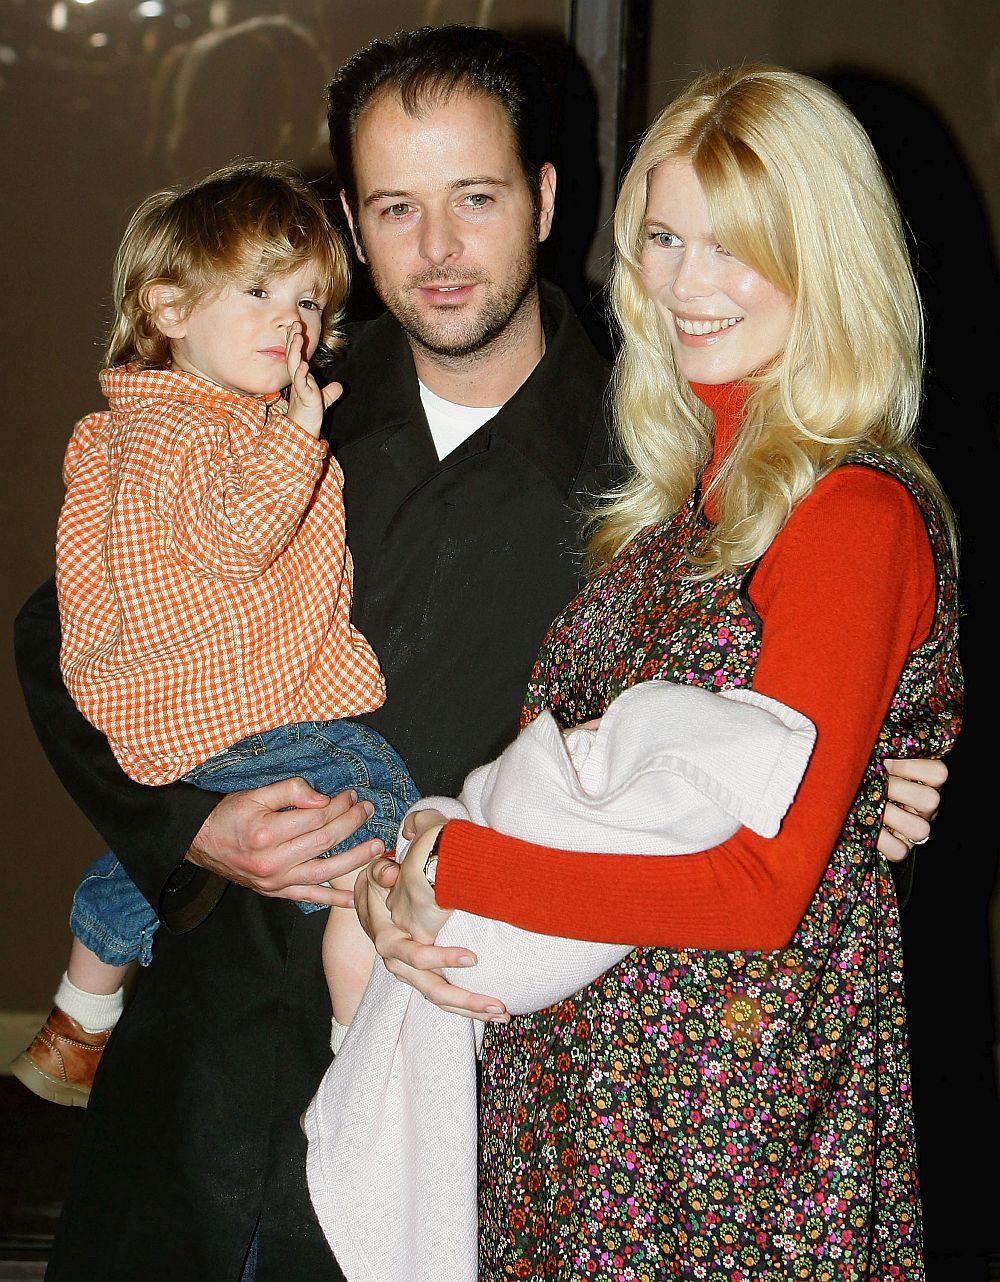 Клаудия Шифър е е щастливо омъжена за кинопродуцента Матю Вон от 2002 година.